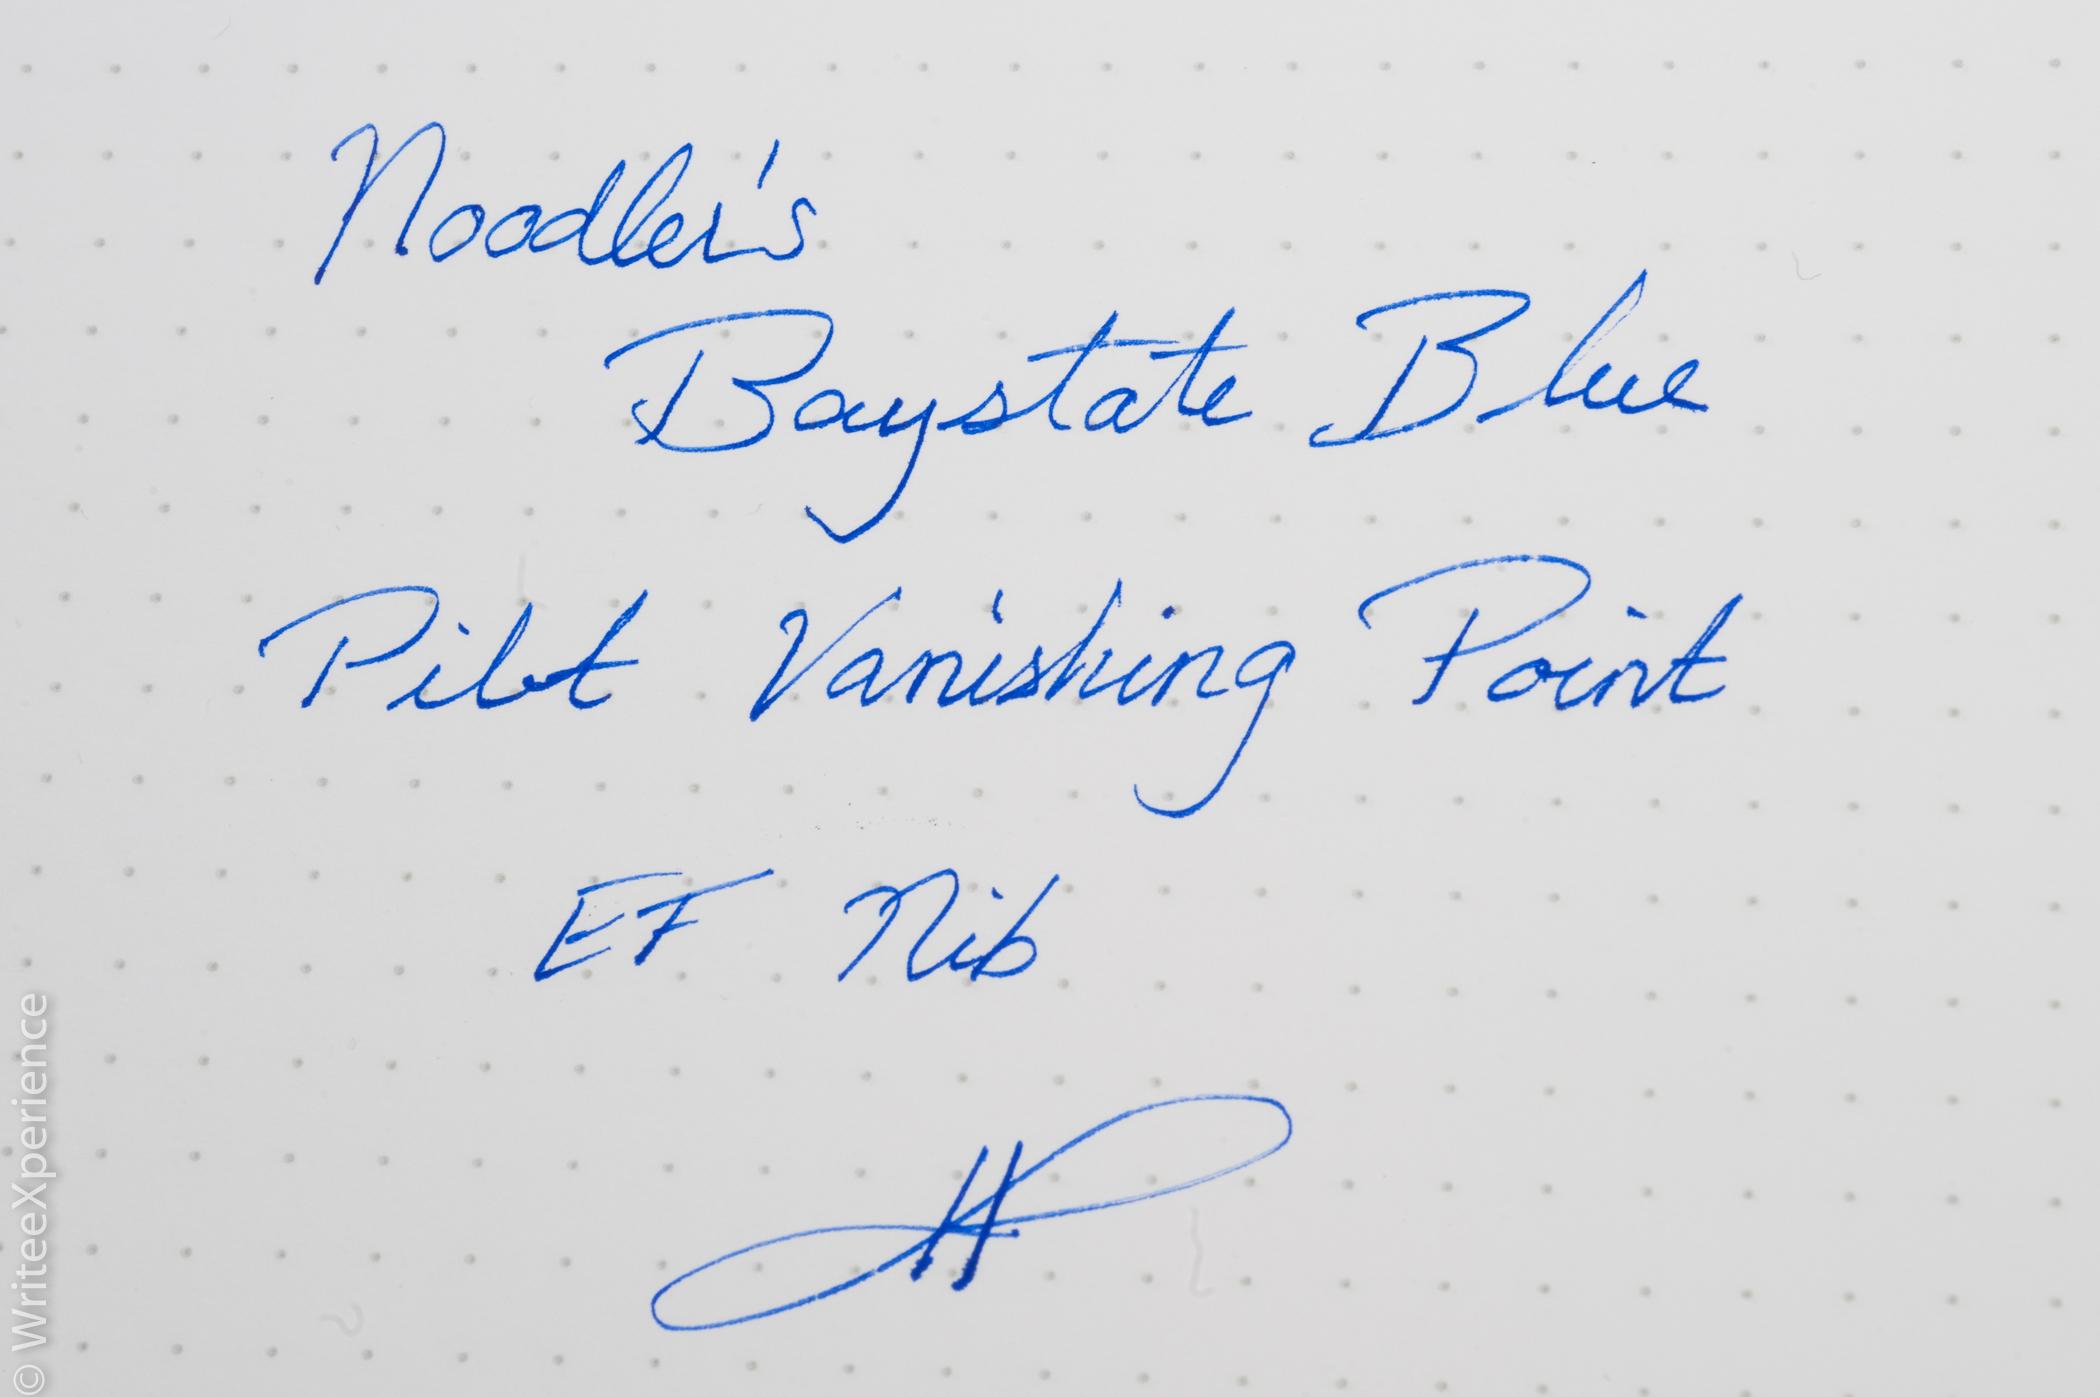 WriteeXperience-Noodlers_Baystate_Blue-3.jpg